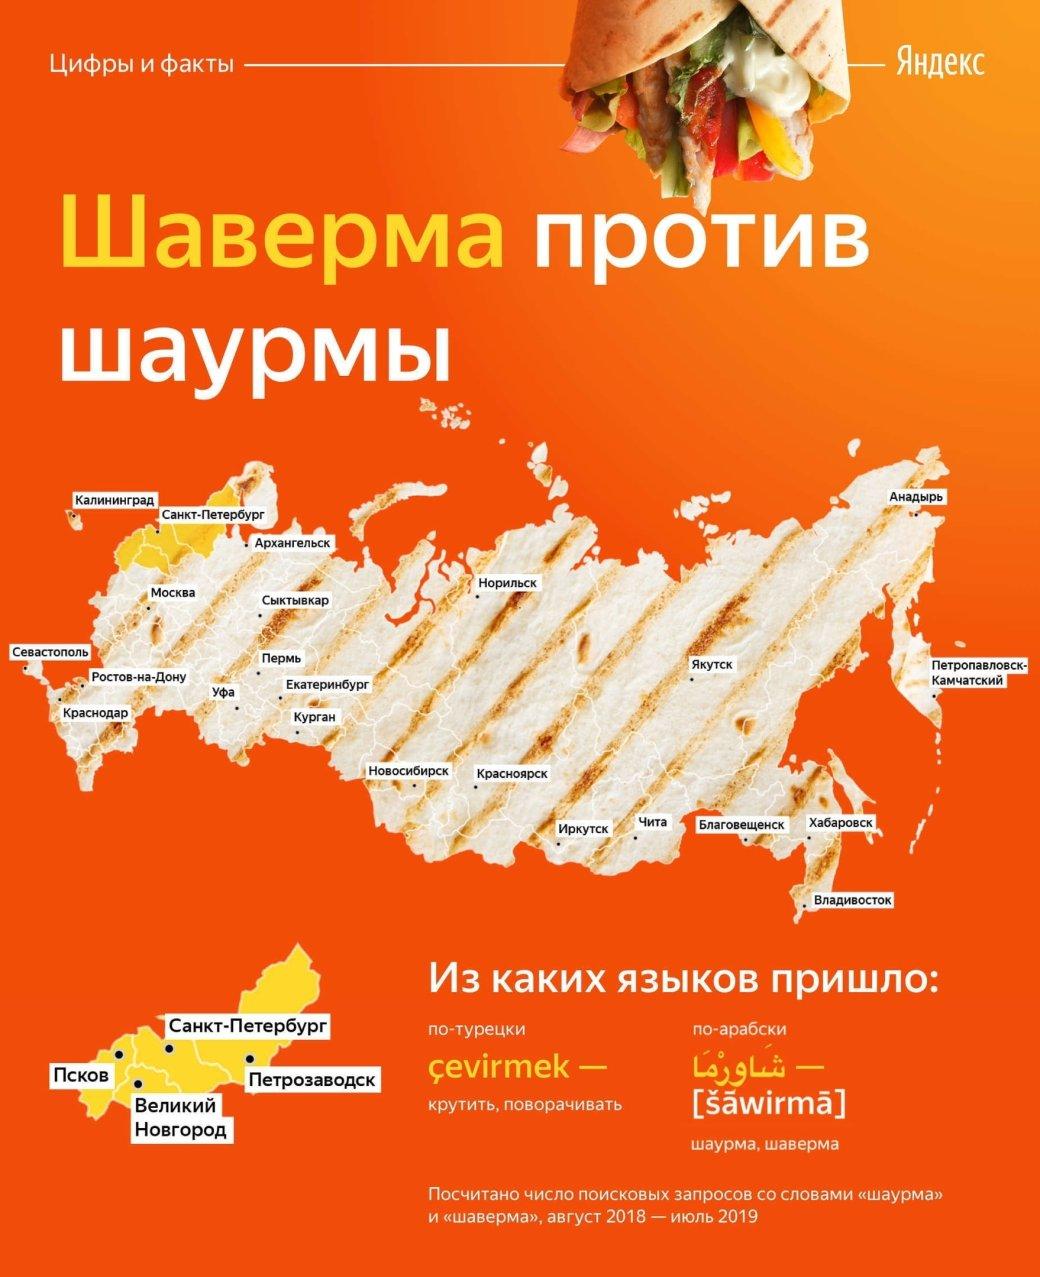 Шаверма или шаурма?! «Яндекс» выяснил, как в России называют главное блюдо уличной кухни | Канобу - Изображение 4996